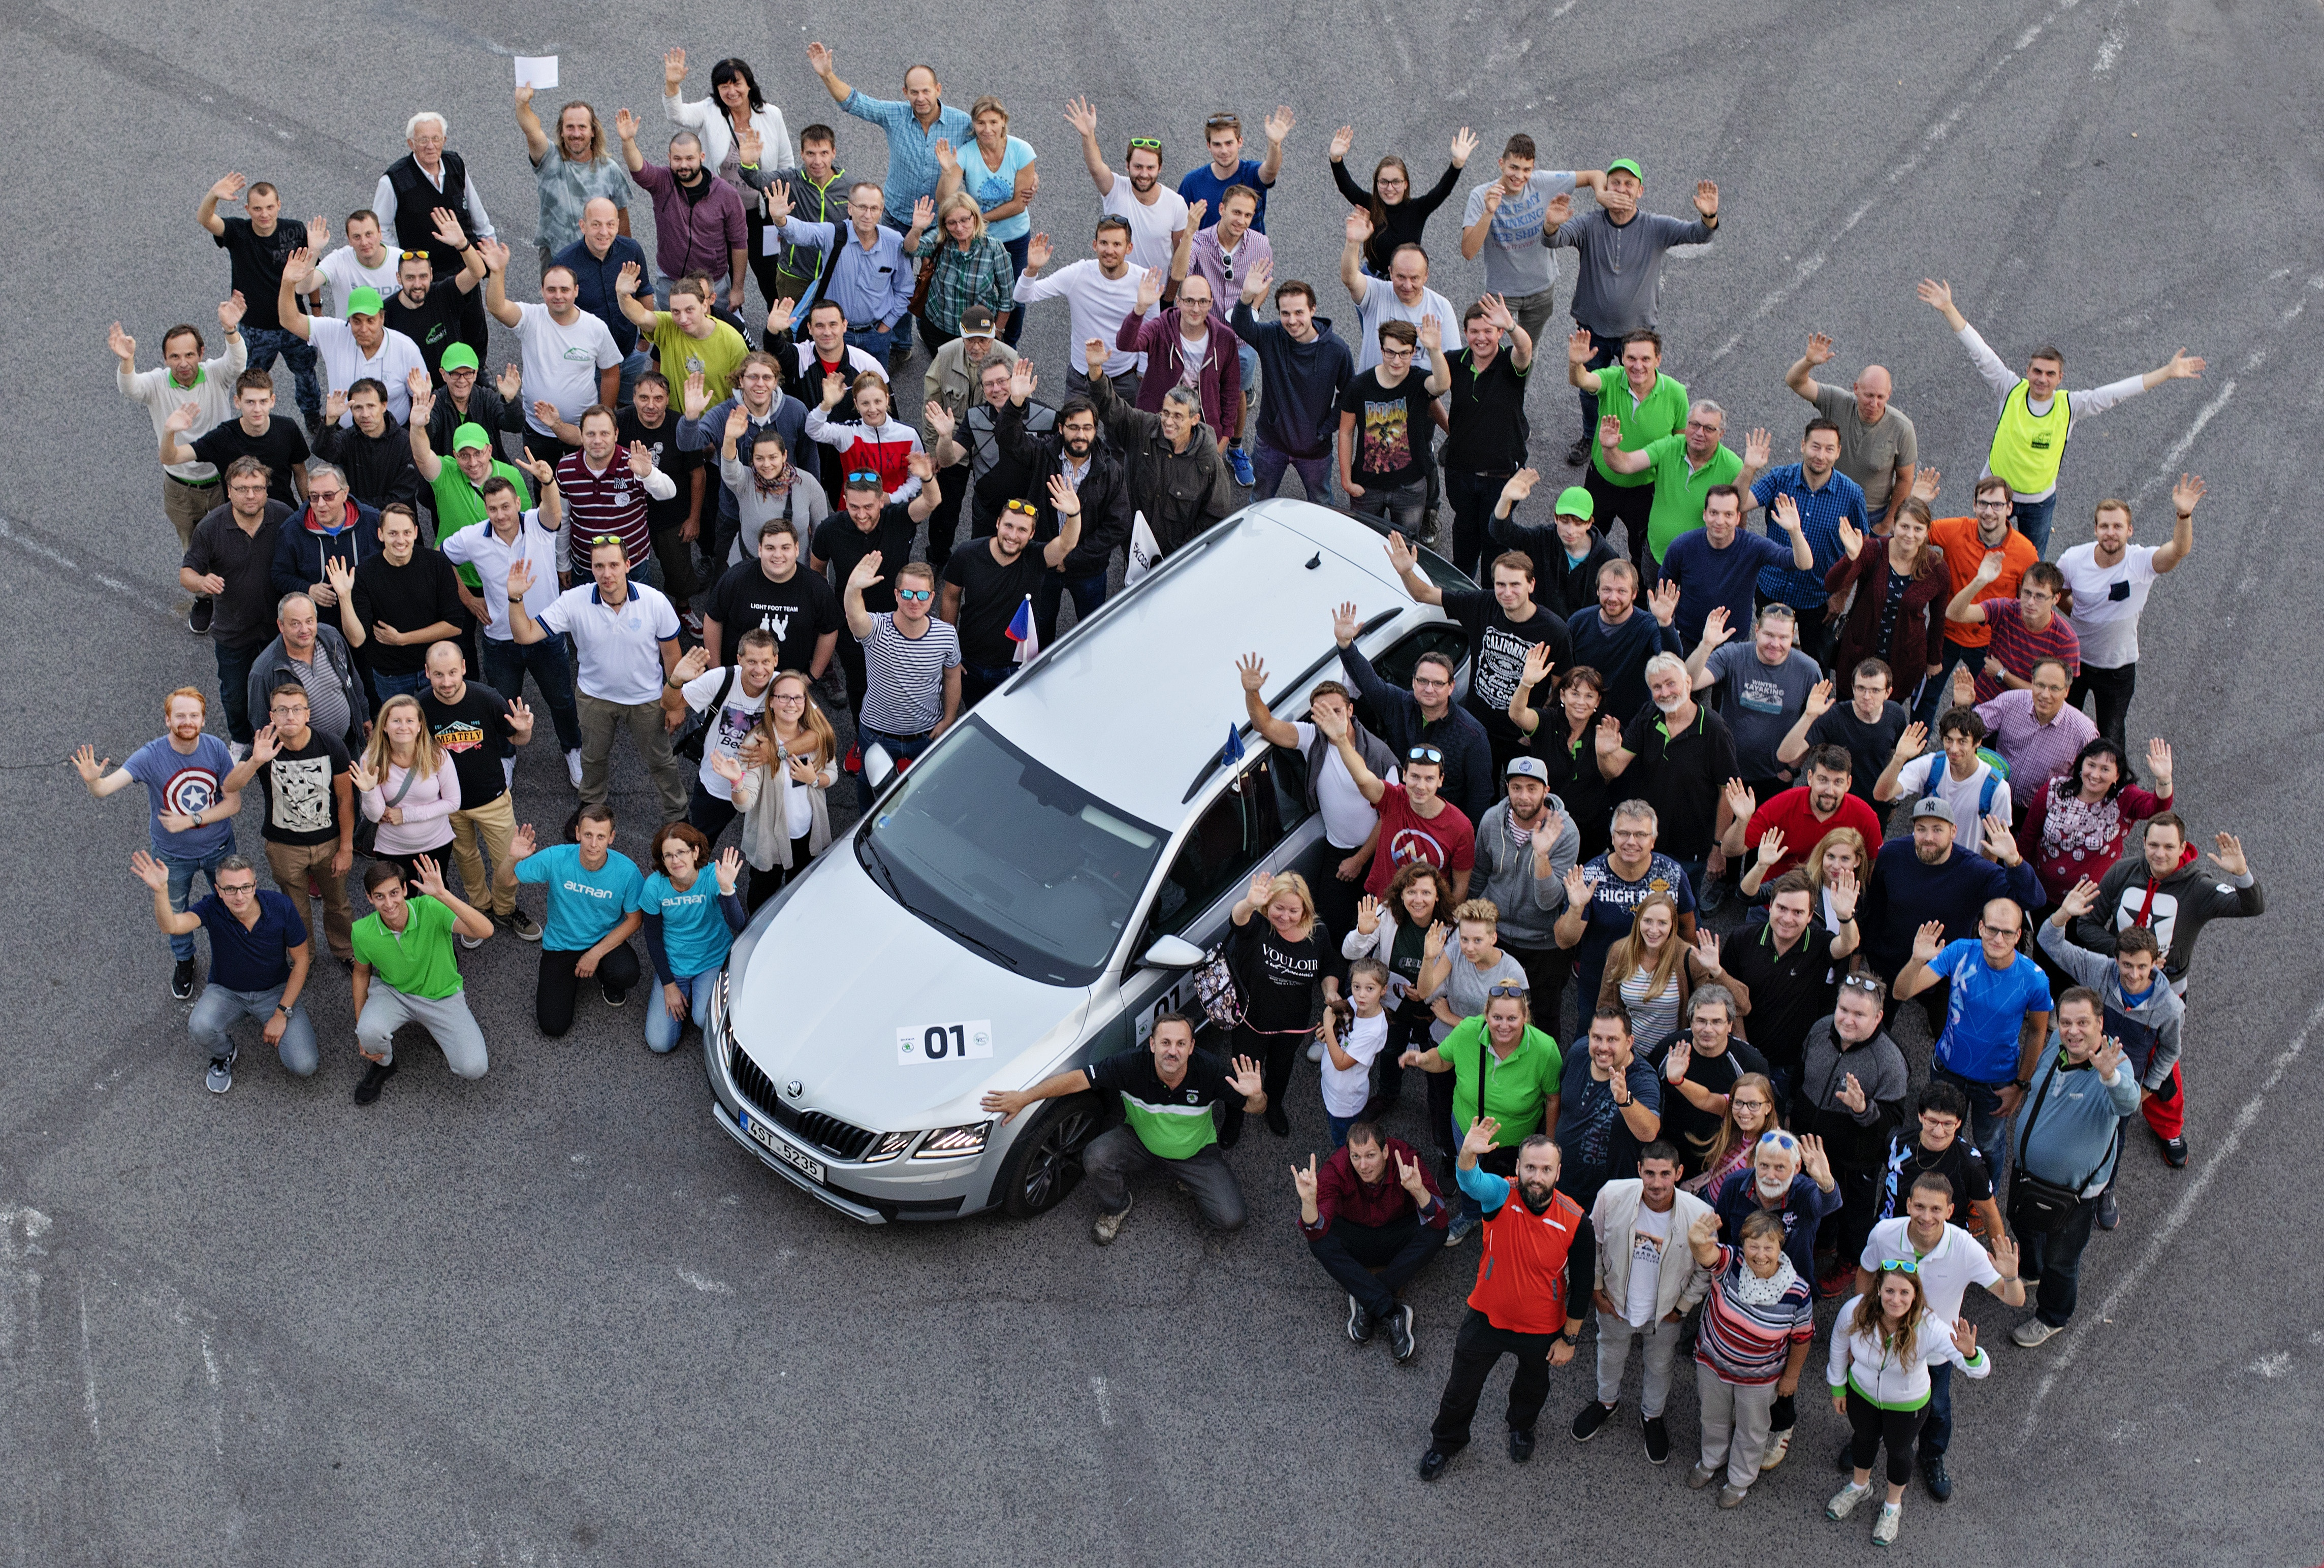 Letošního ročníku závodu ECONOMY RUN se zúčastnilo 64 posádek